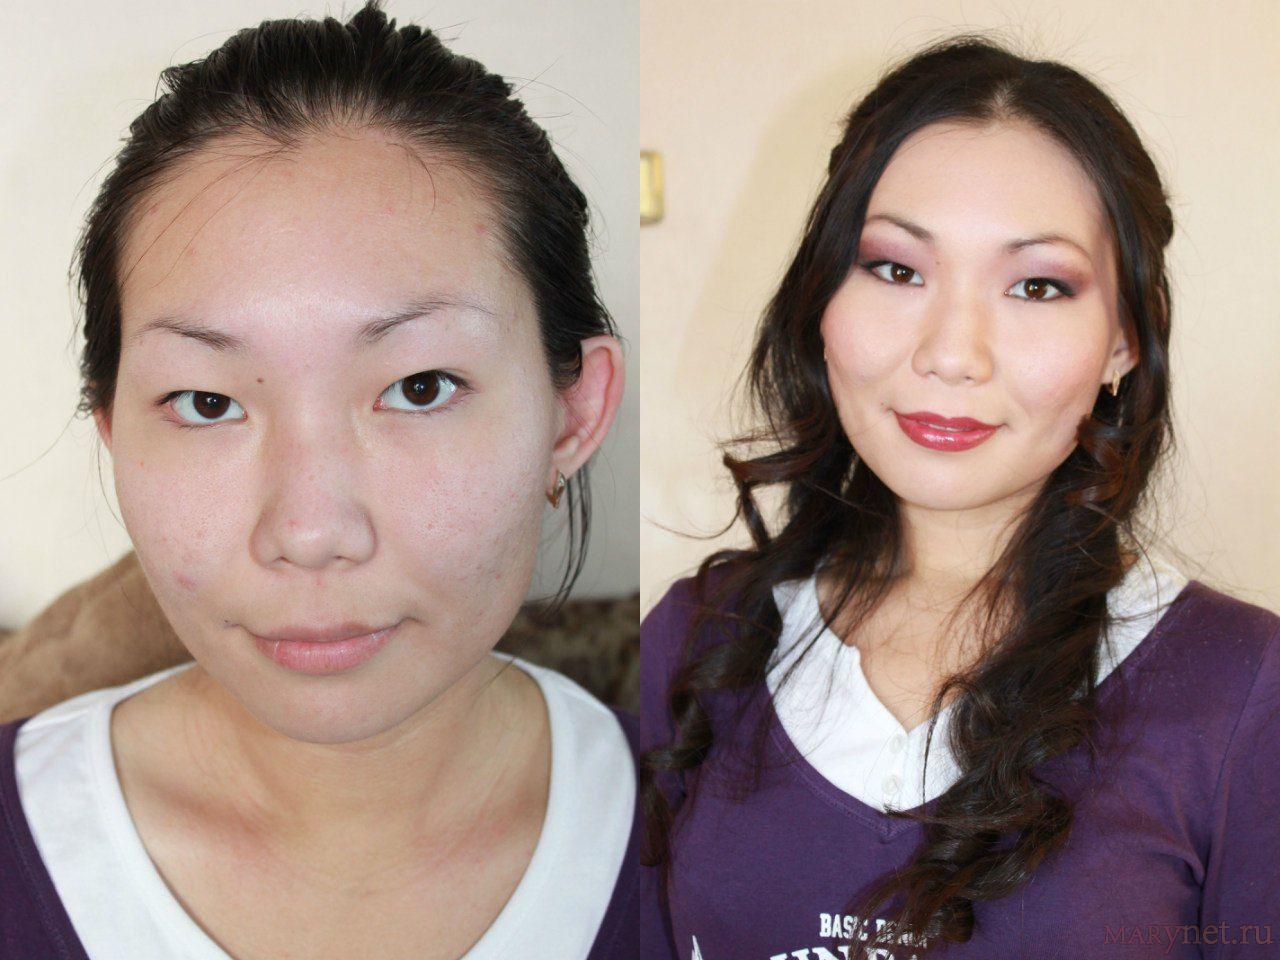 Макияж глаза фото до и после